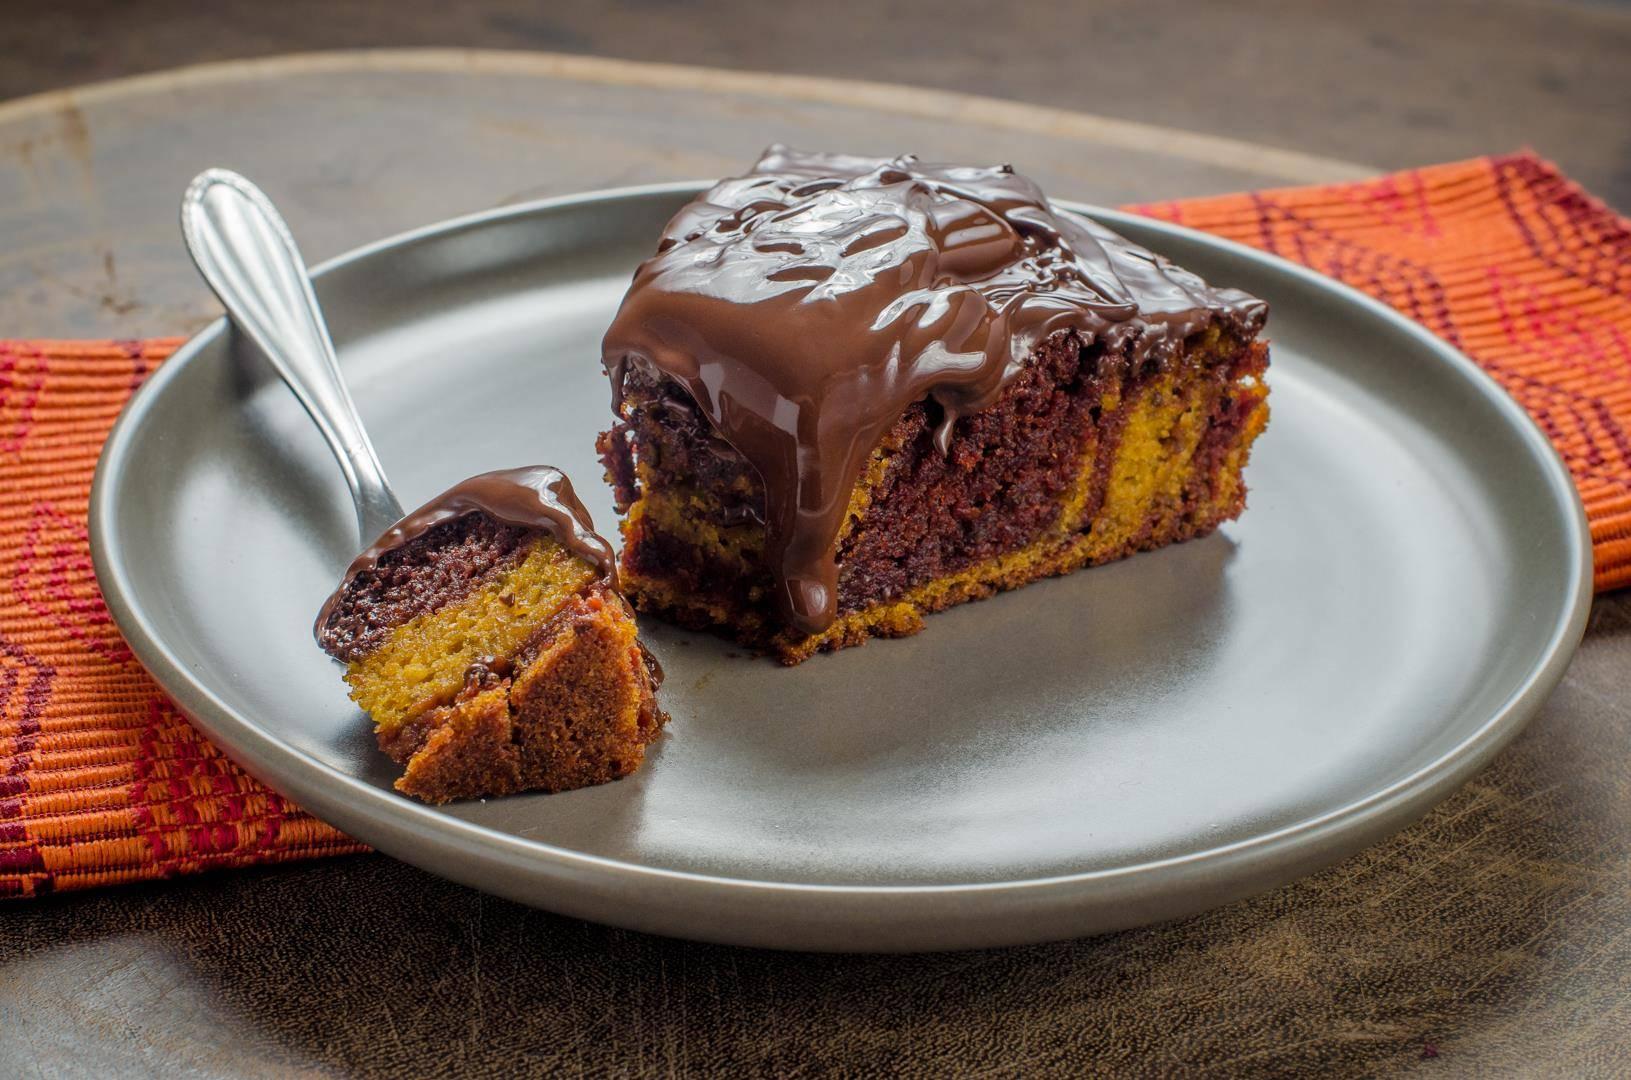 Bolo mesclado de cenoura e beterraba com cobertura de chocolate meio amargo. Foto: Rafael de Andrade/Divulgação